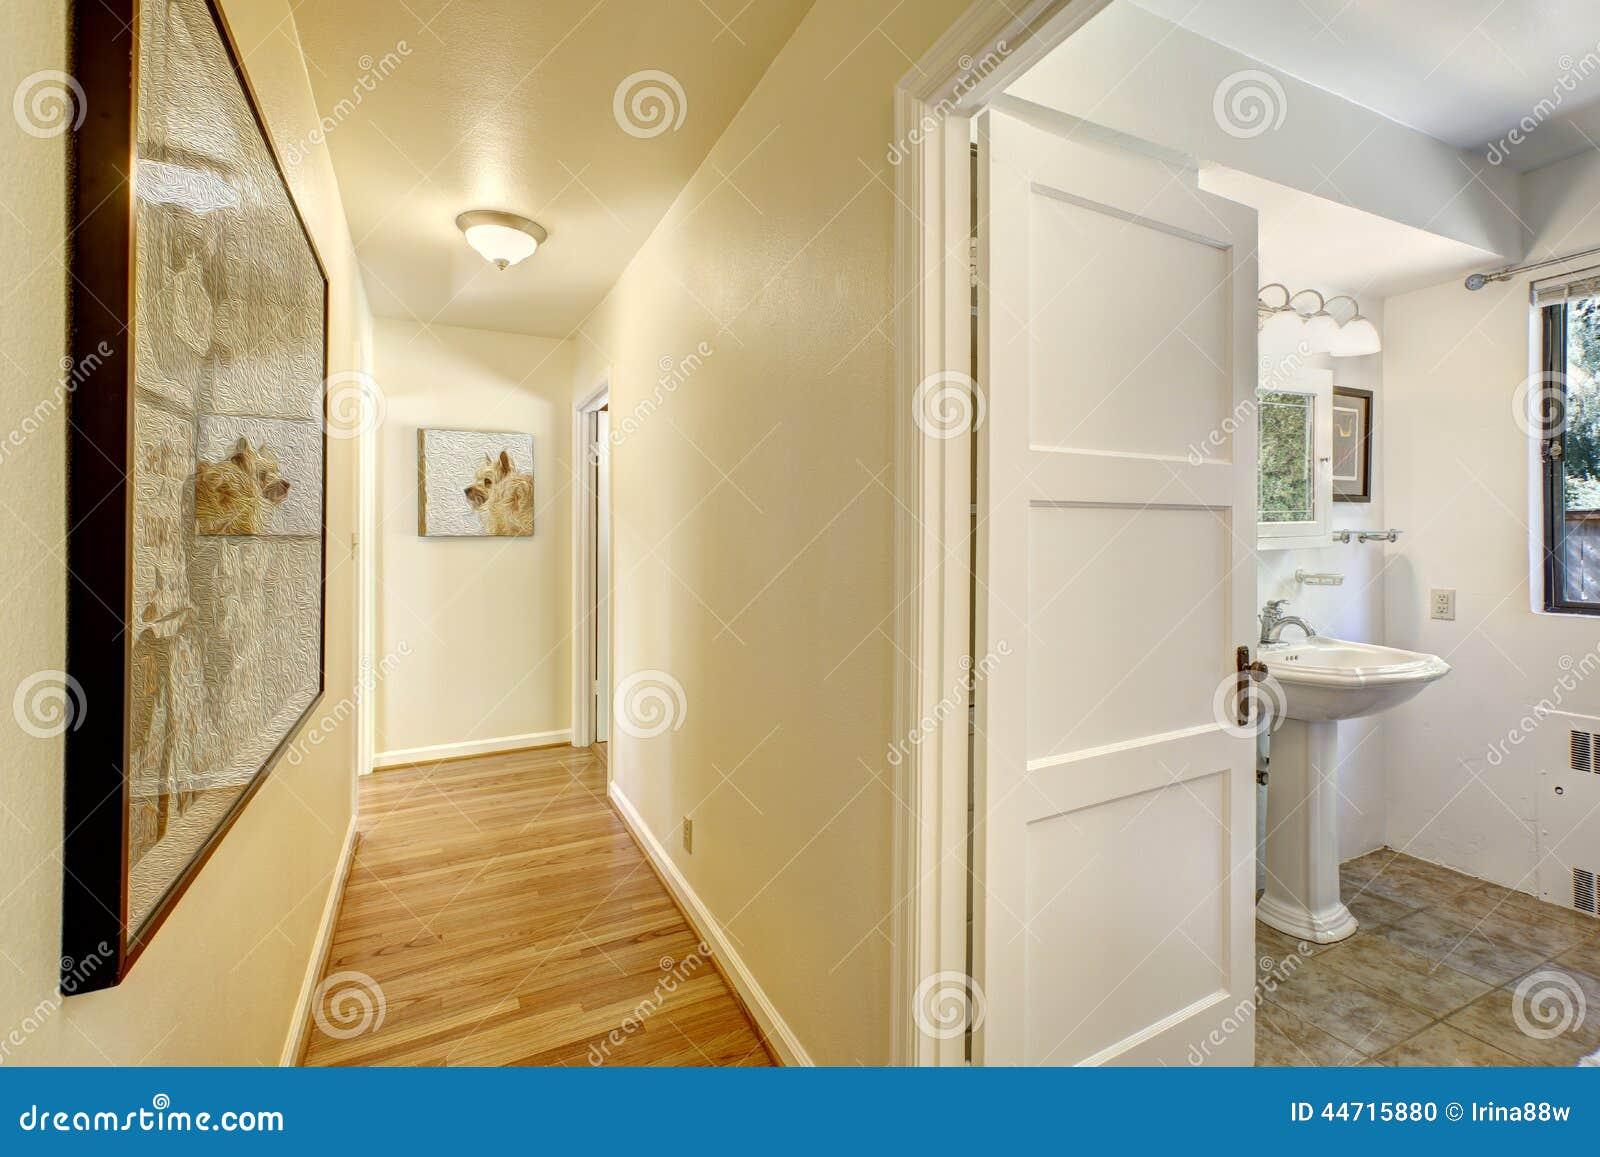 Corridoio stretto con l 39 uscita al bagno fotografia stock - Inculata al bagno ...